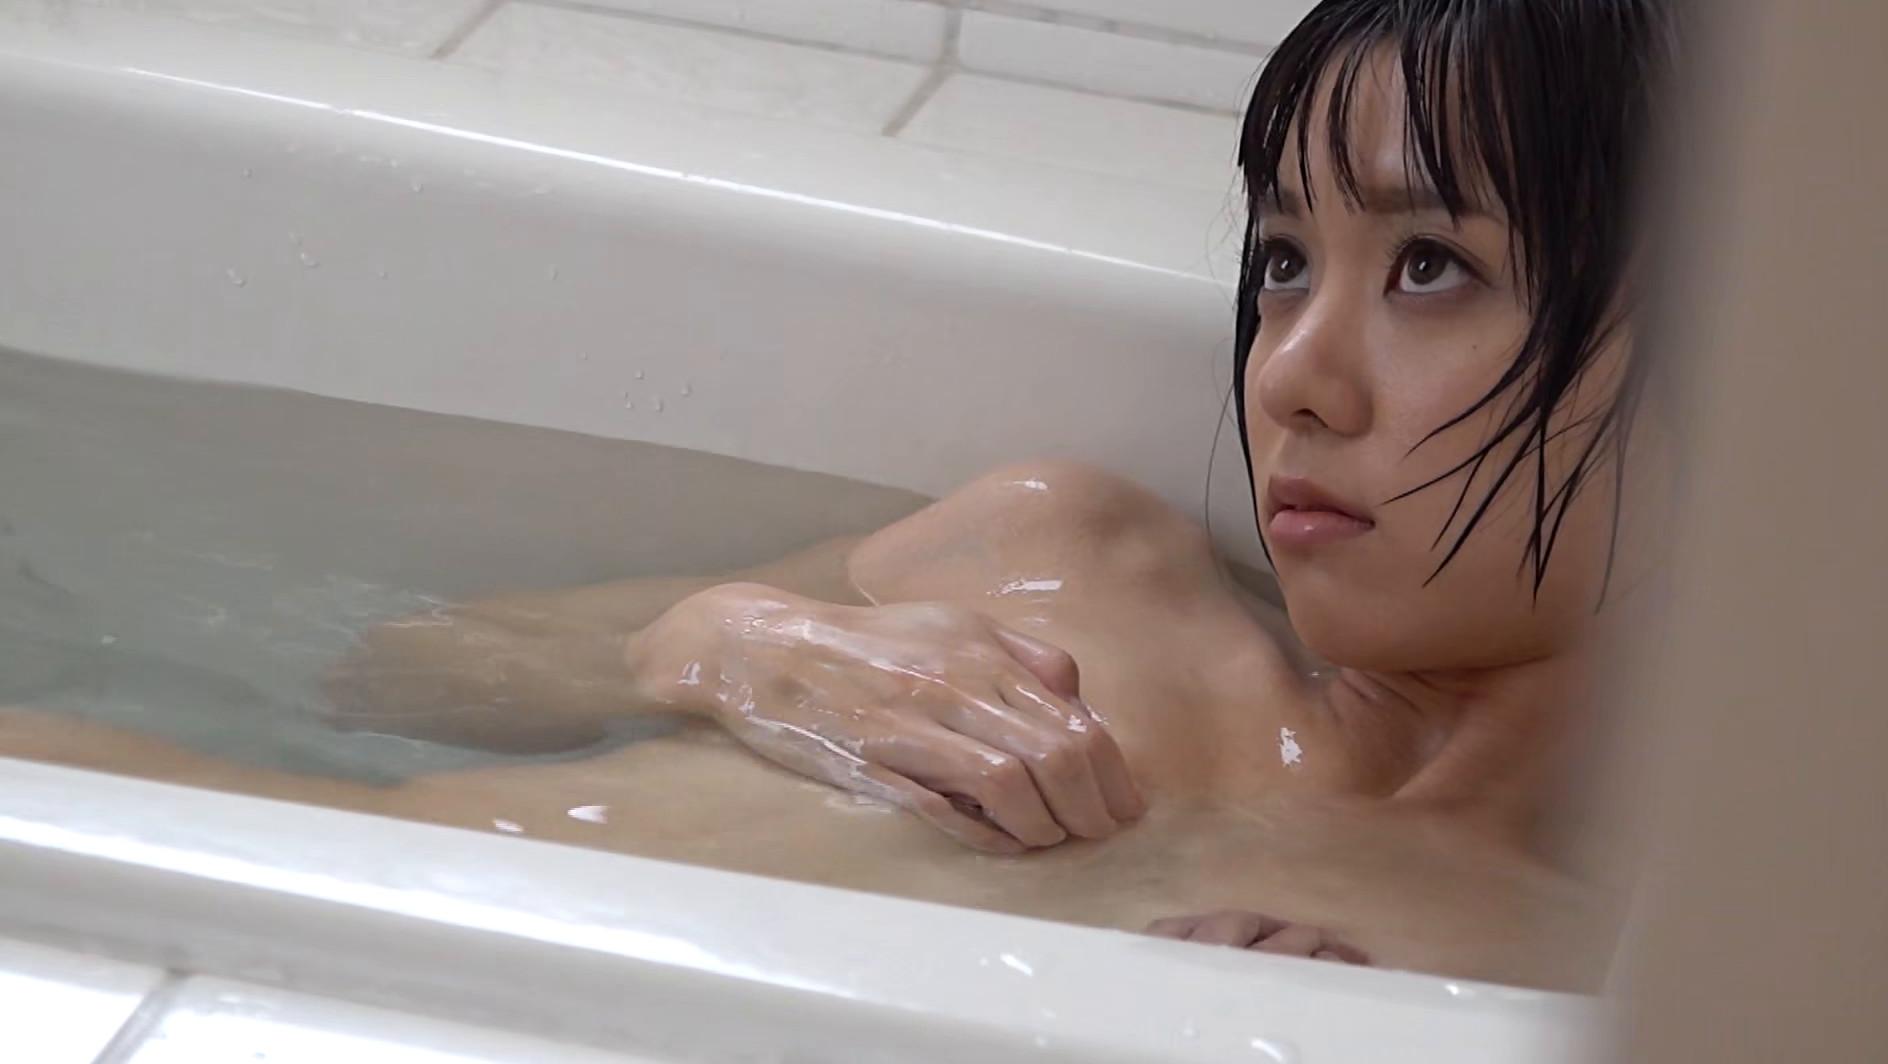 グラ●アアイドルたちの【流出】動画 活動女子5人分 画像11